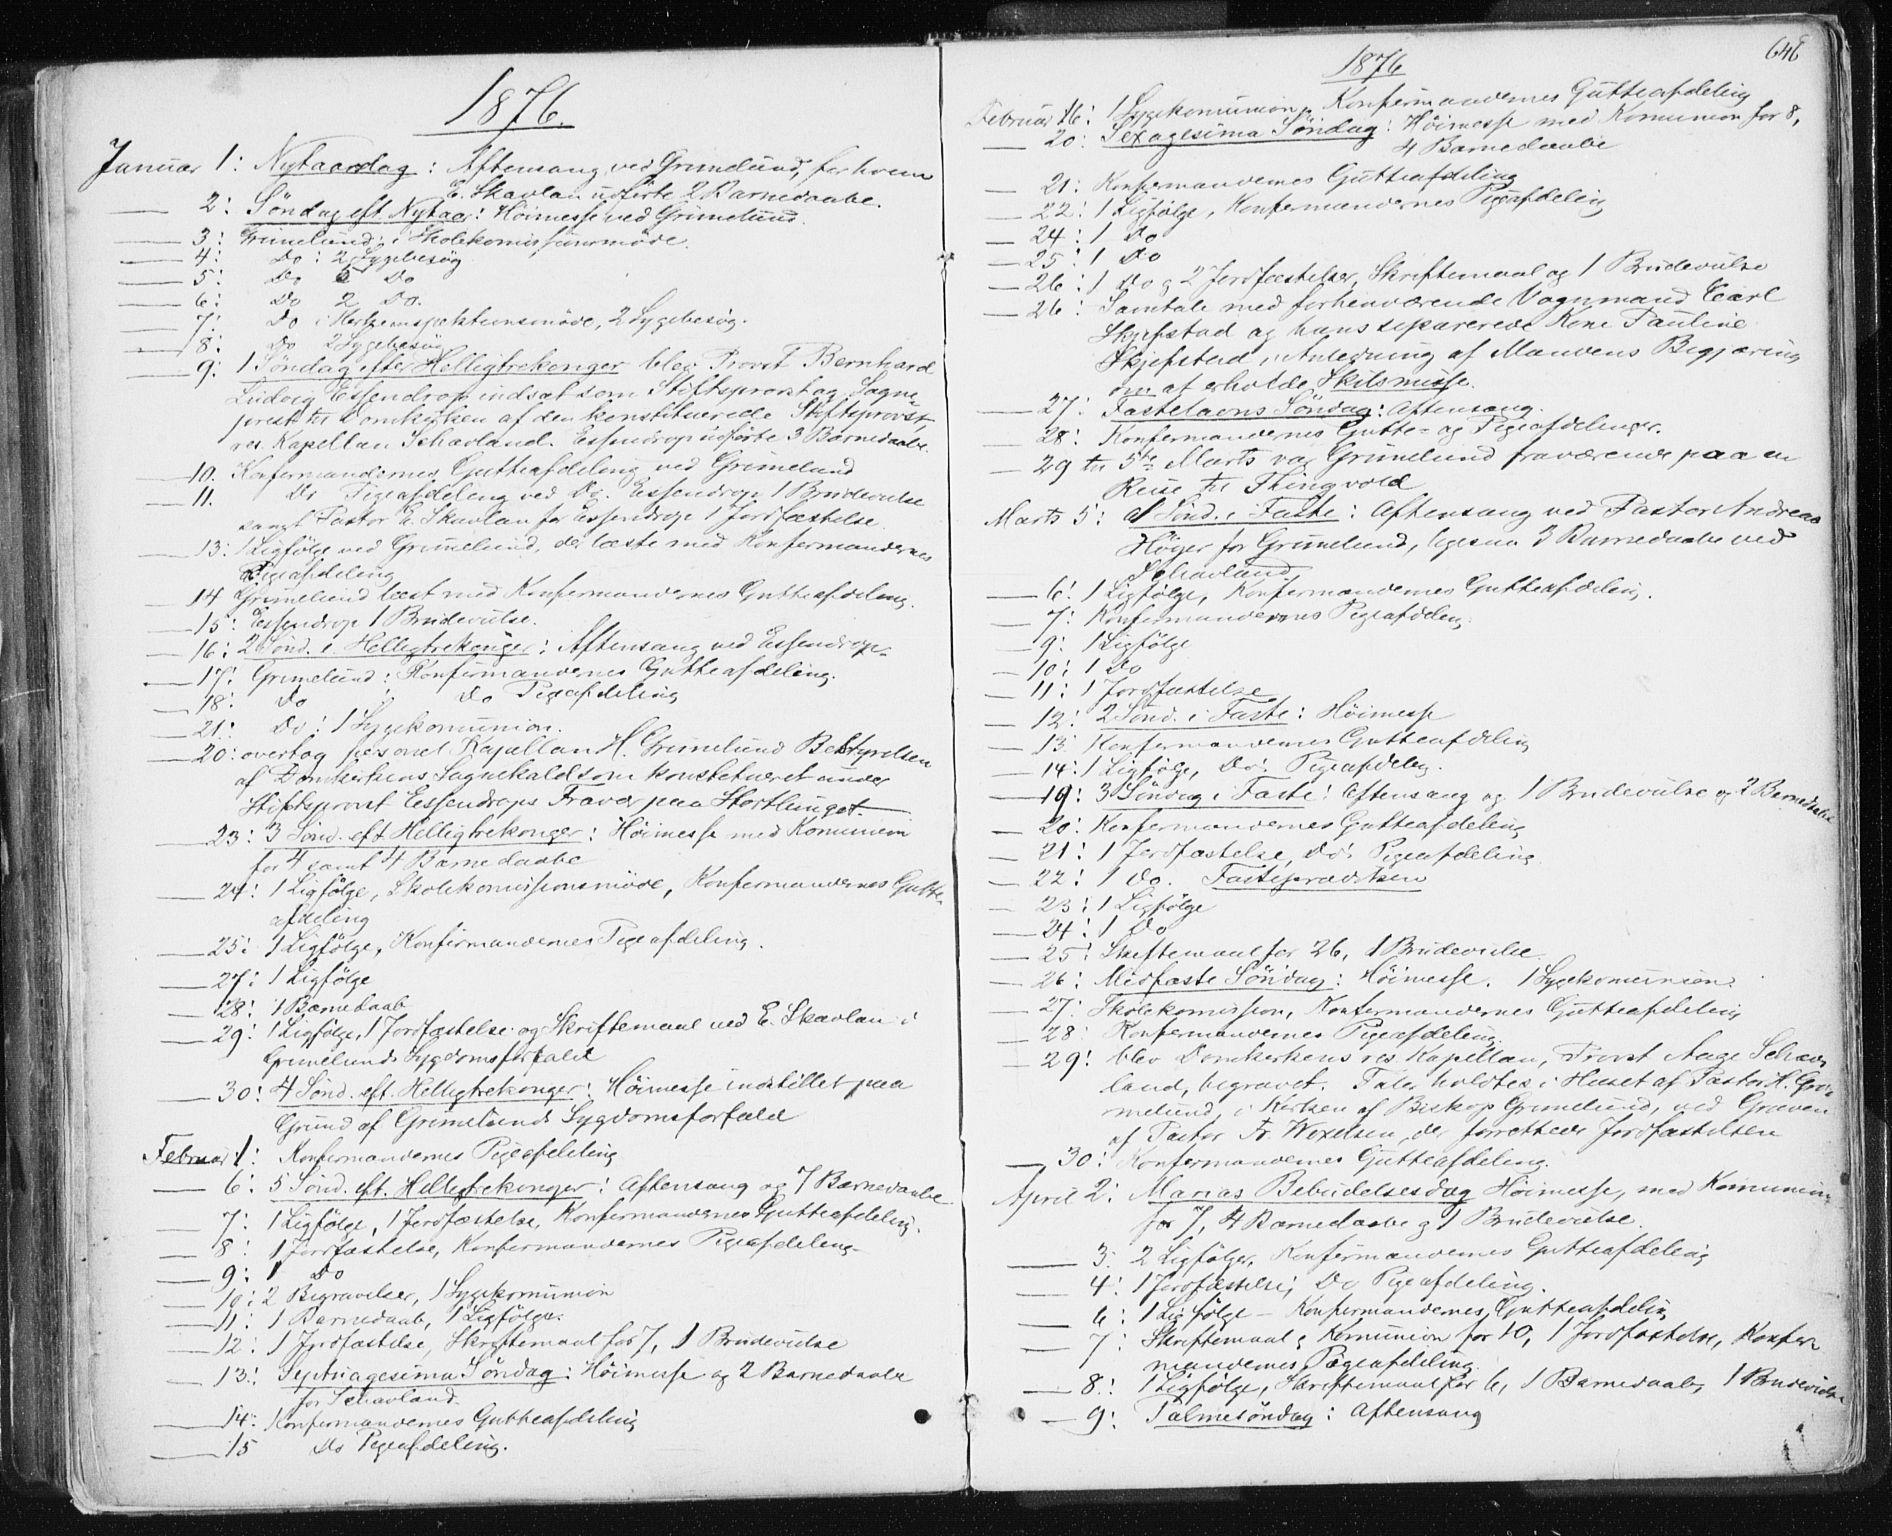 SAT, Ministerialprotokoller, klokkerbøker og fødselsregistre - Sør-Trøndelag, 601/L0055: Ministerialbok nr. 601A23, 1866-1877, s. 646